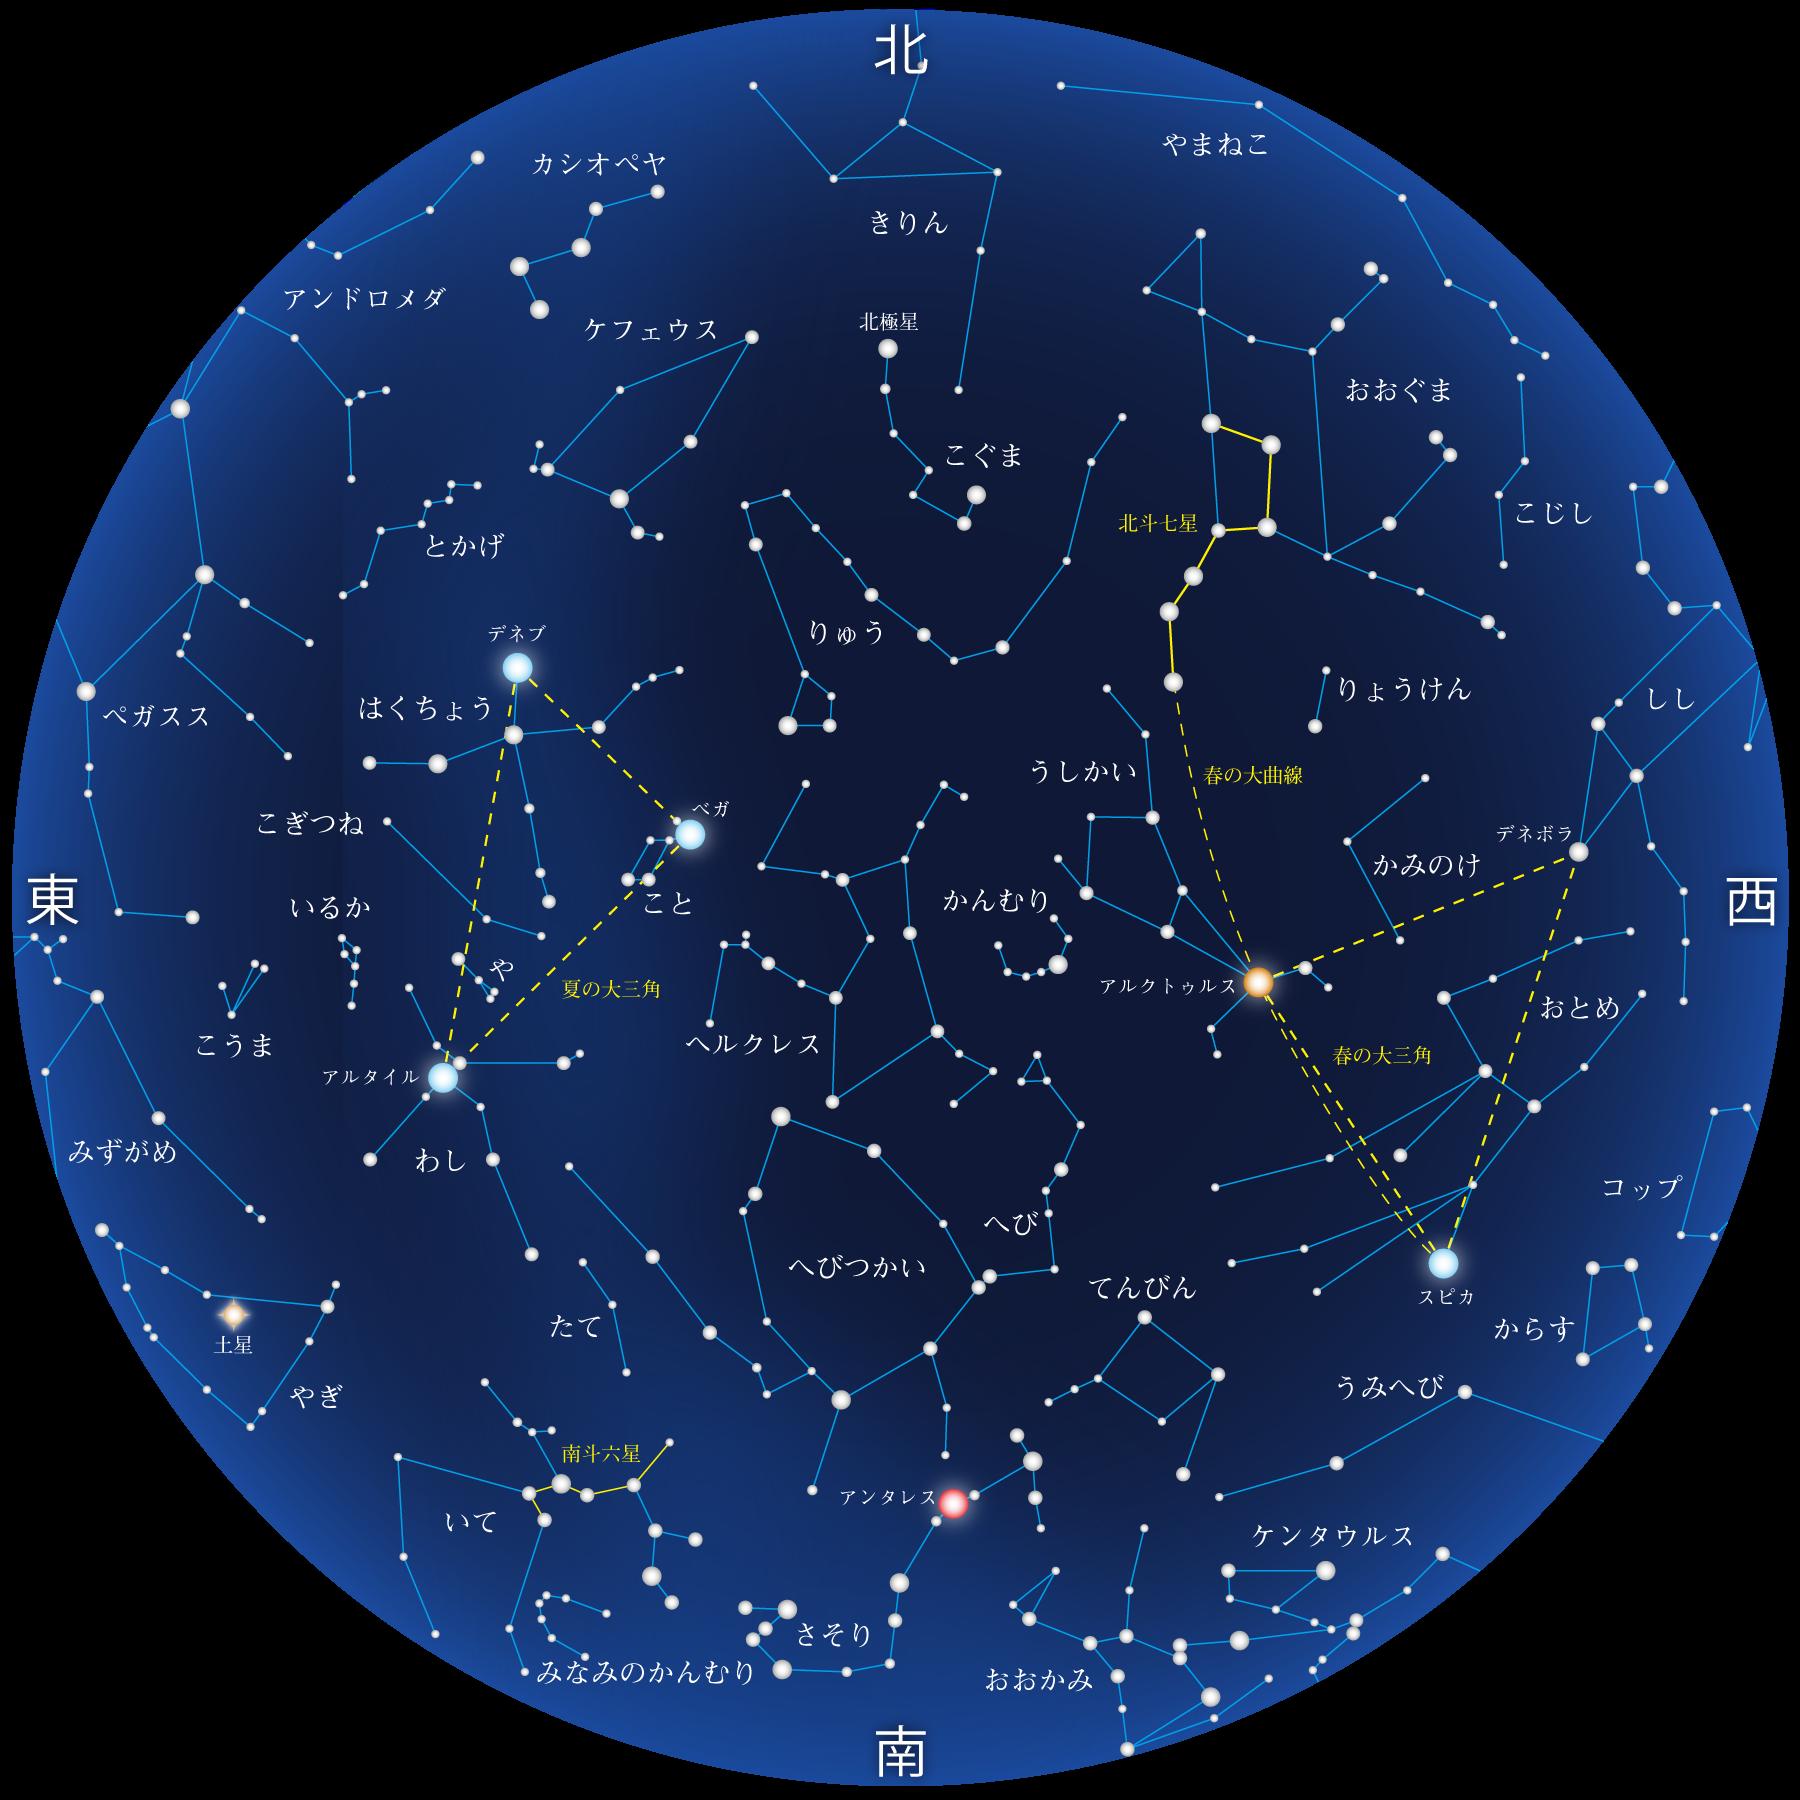 7月の星座